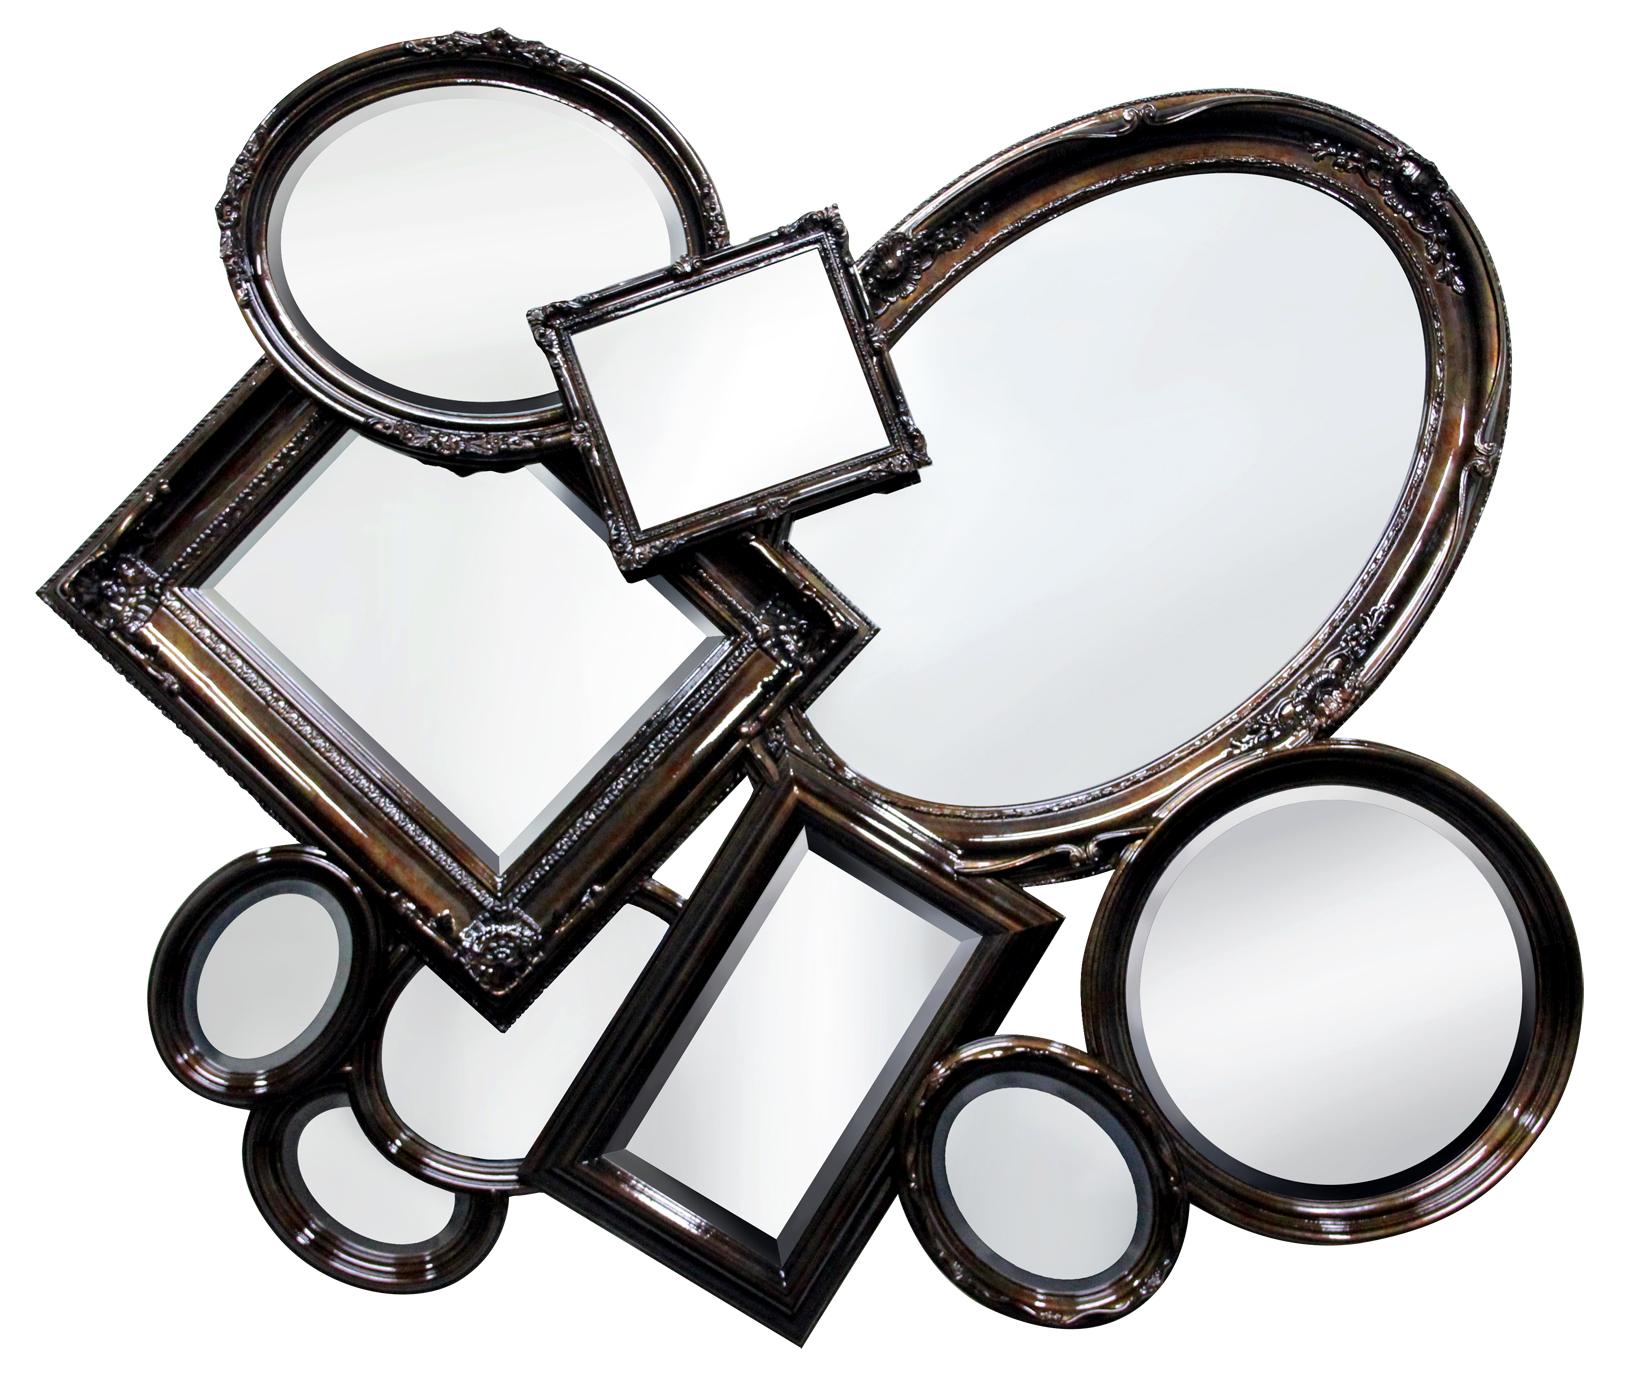 los mejores espejos de pared para el mejores espejos de pared para el dormitorio espejos